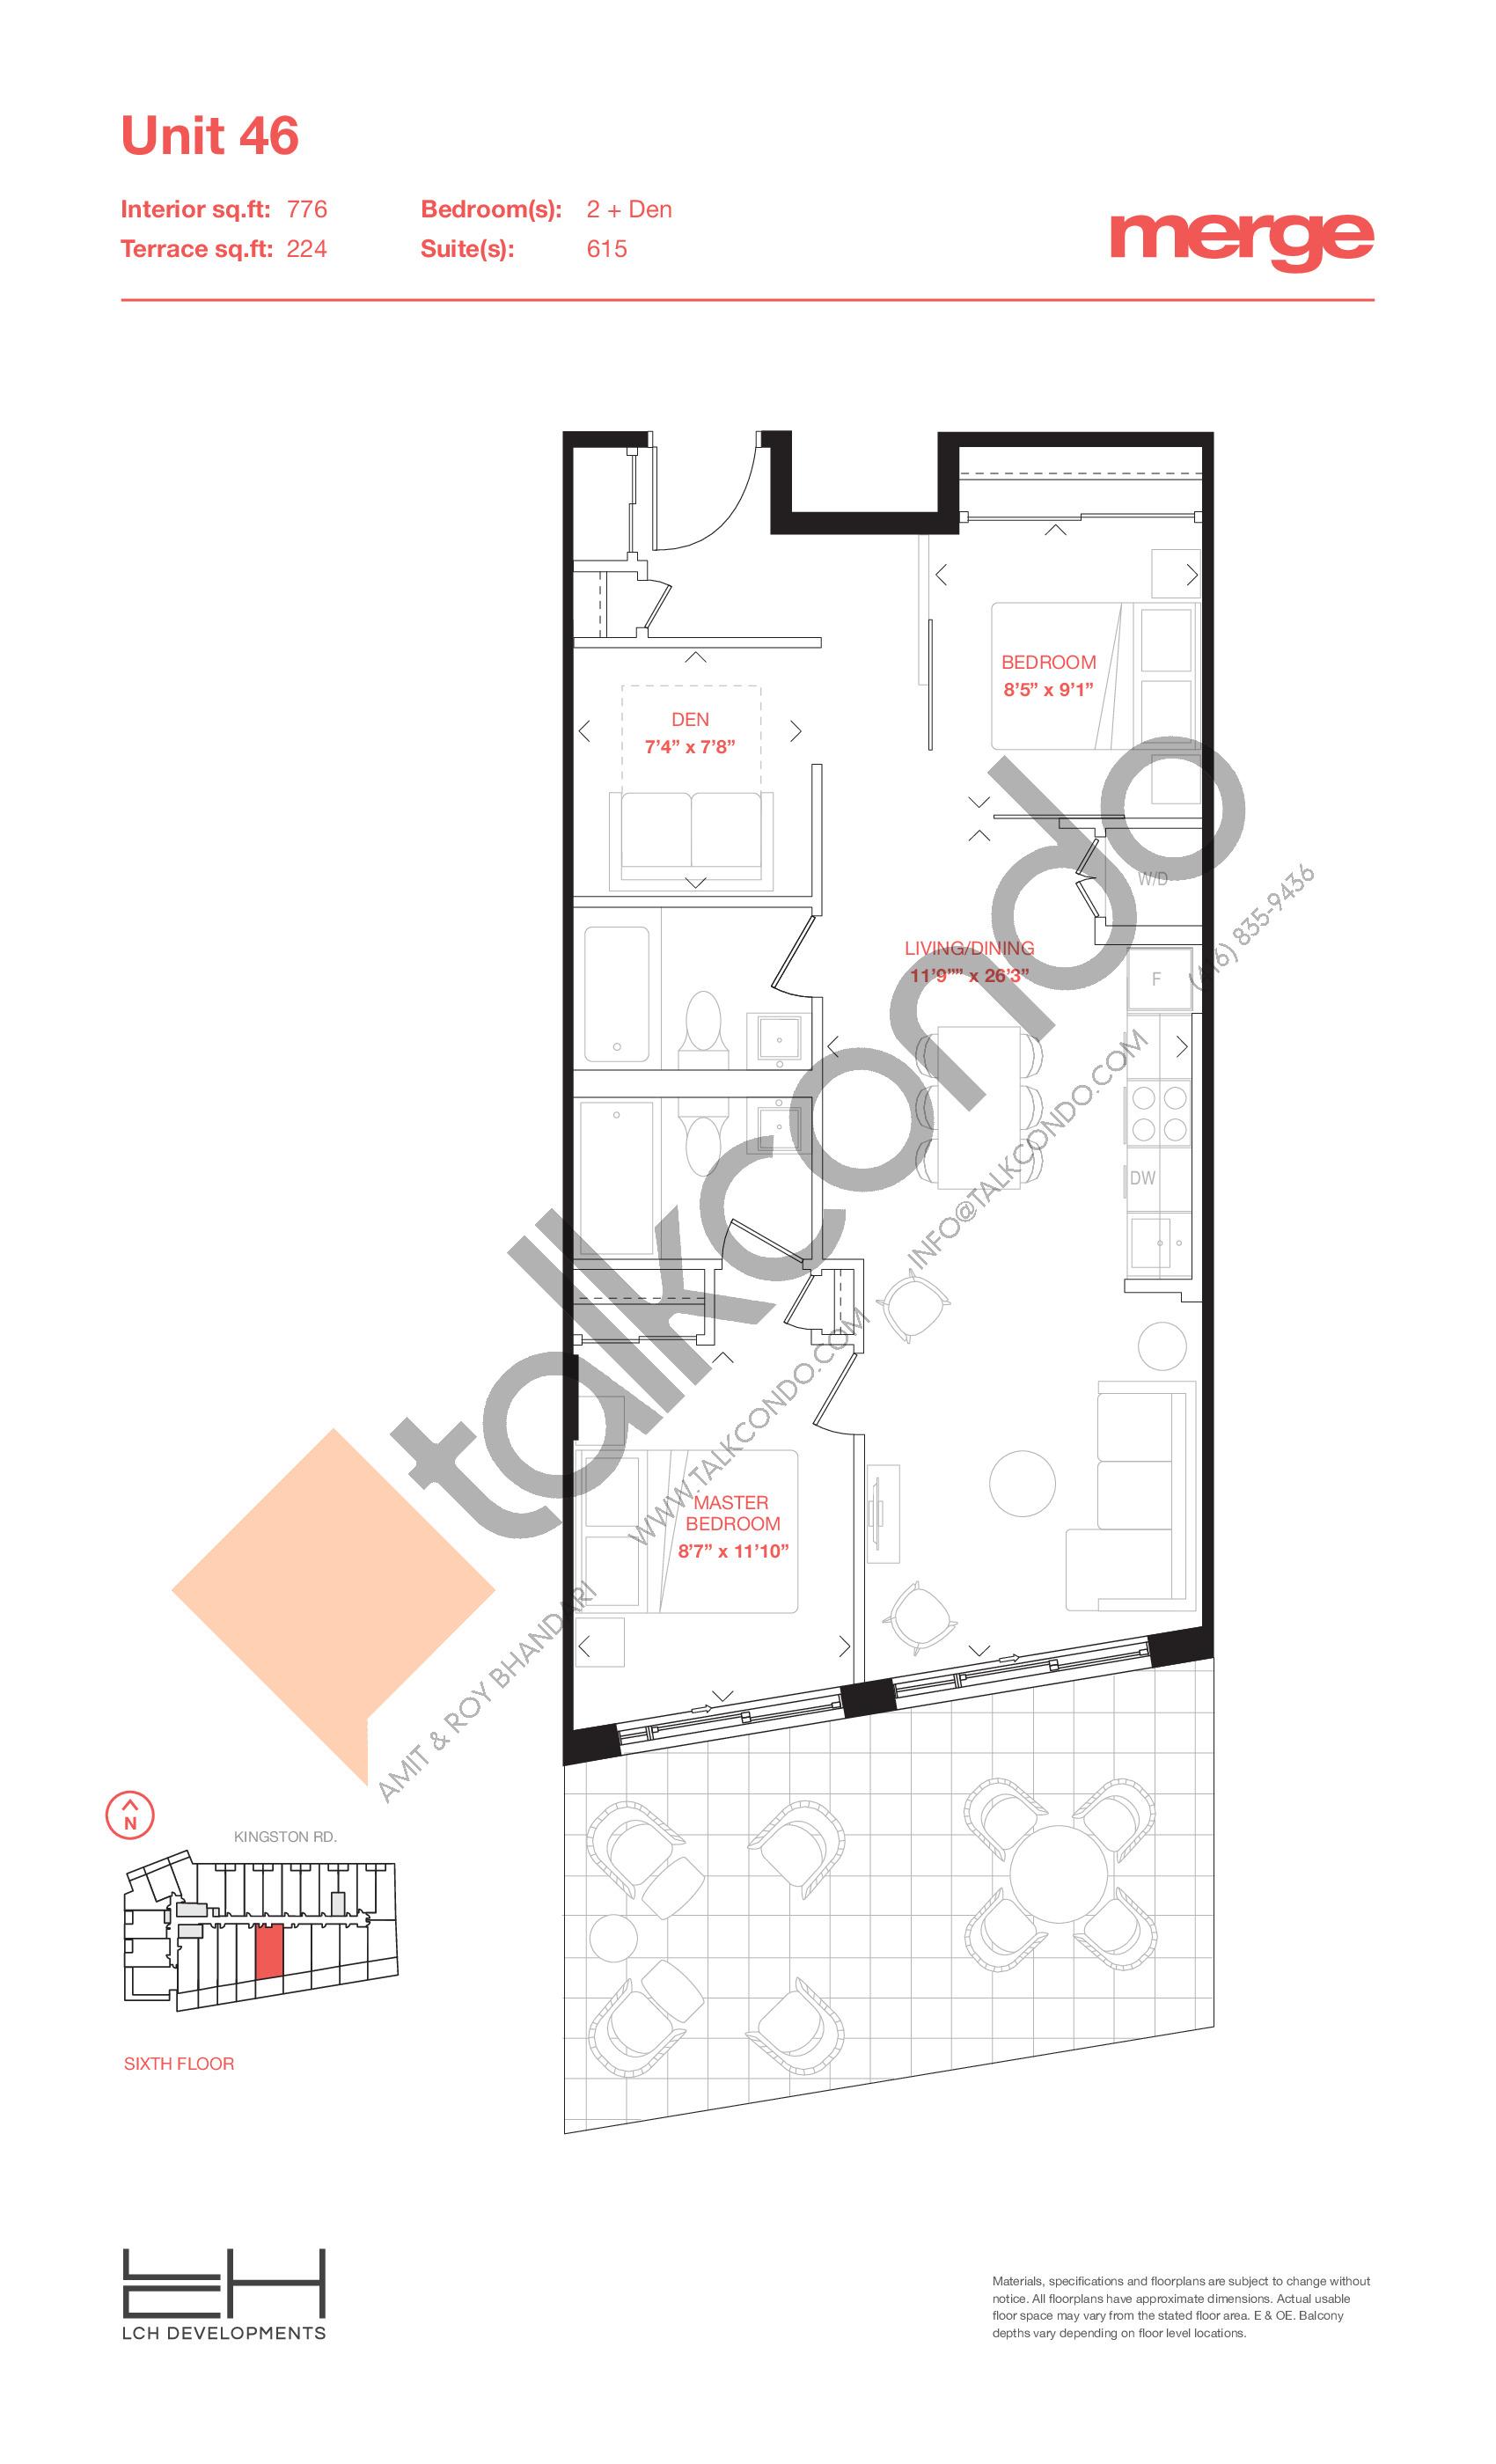 Unit 46 - Terraces Floor Plan at Merge Condos - 776 sq.ft